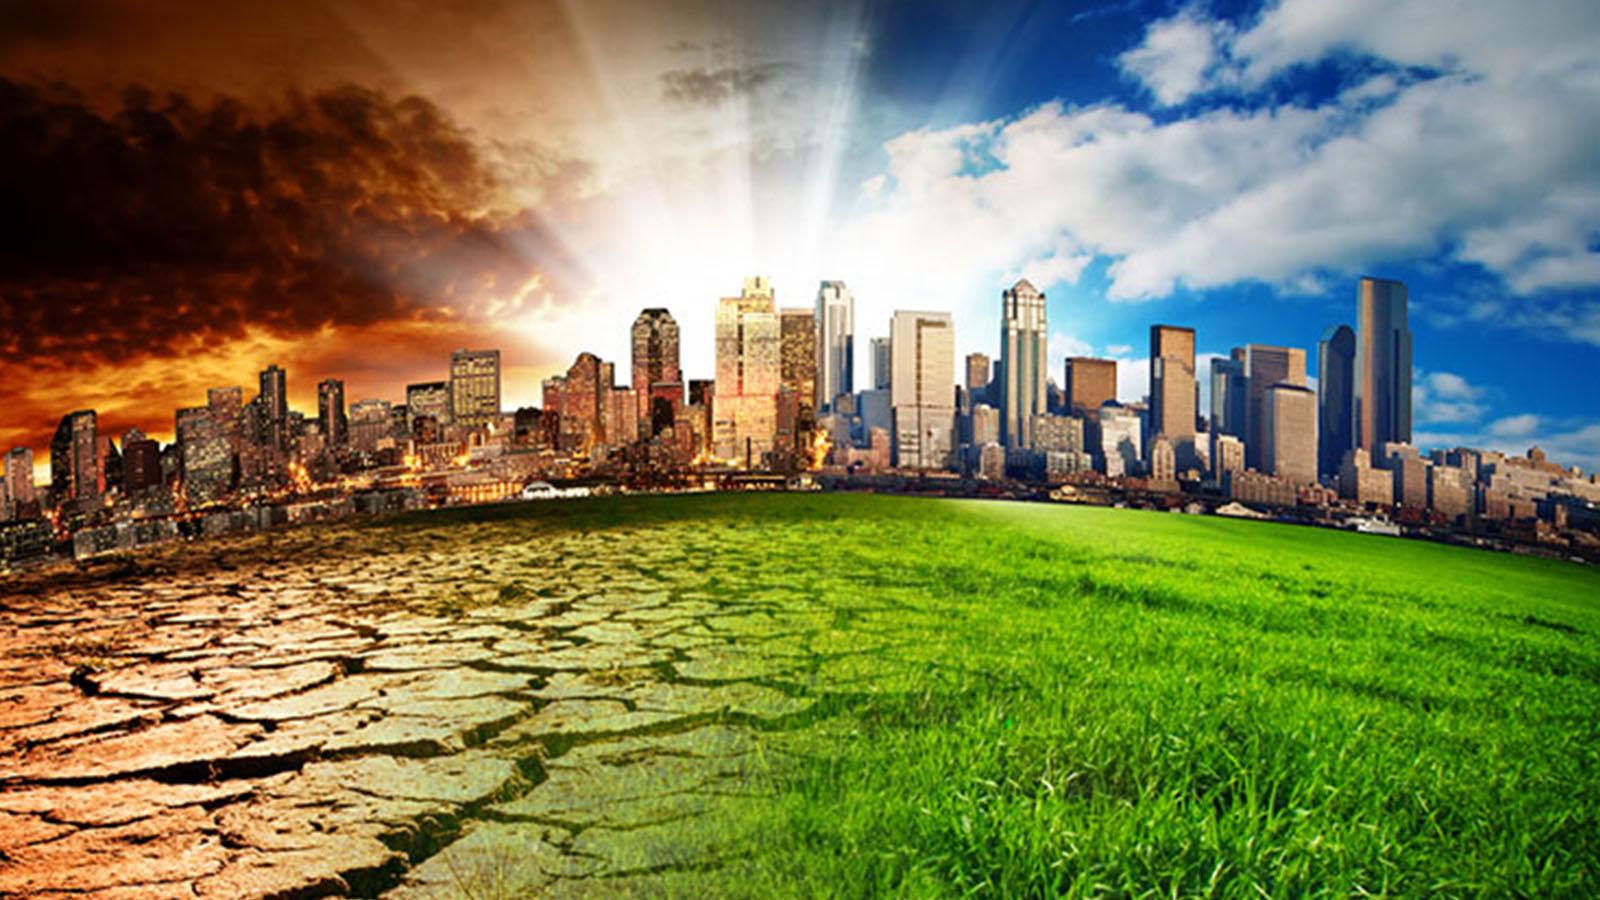 iklim etkileri